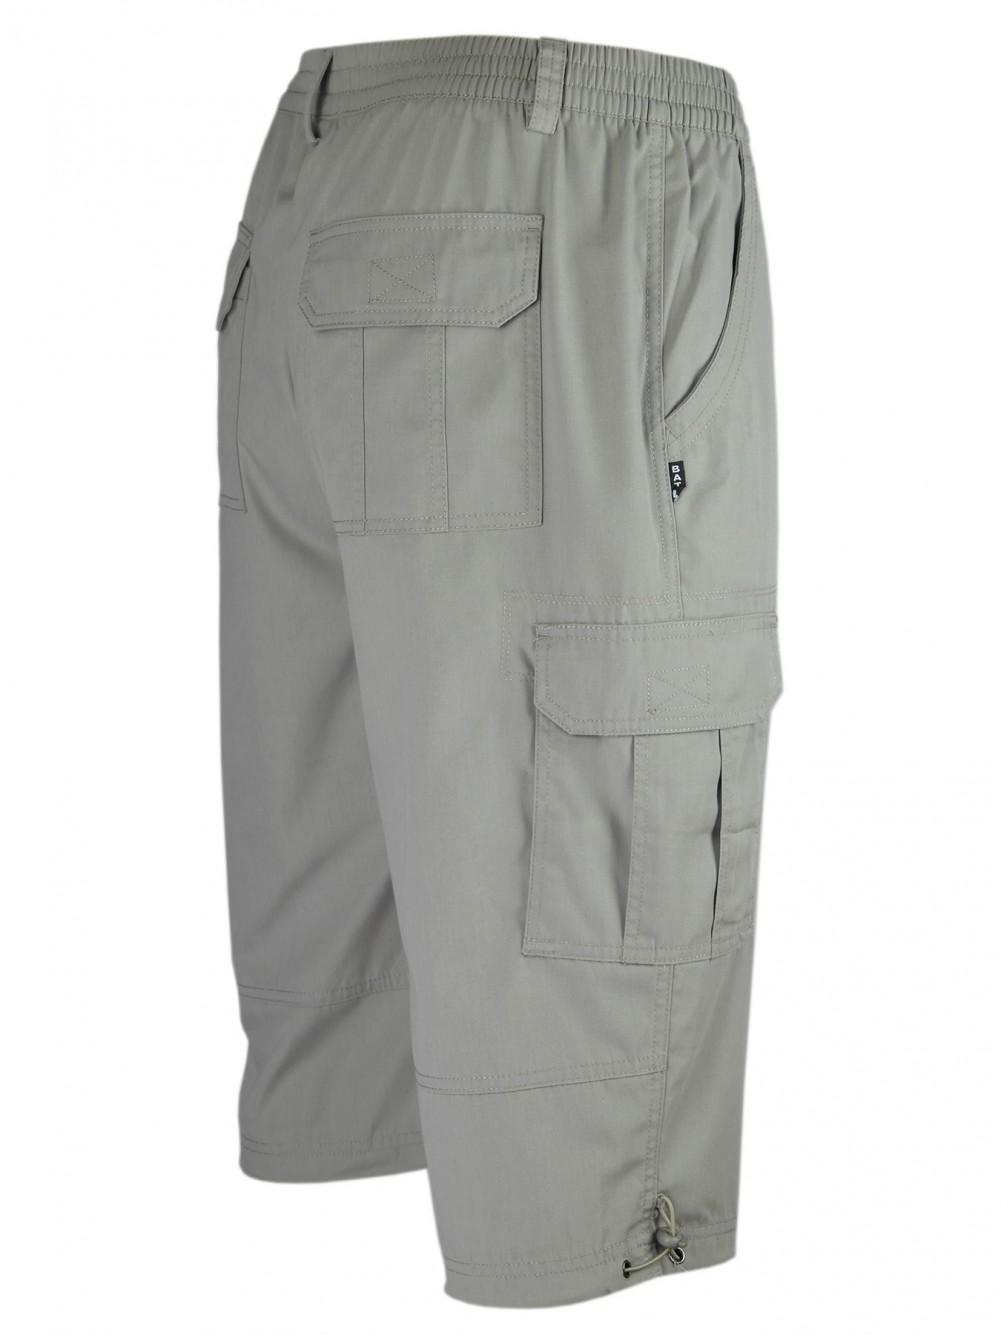 Cargo-Bermudas, Cargo Shorts, kurze Hose für Herren - Beige/Seitenansicht